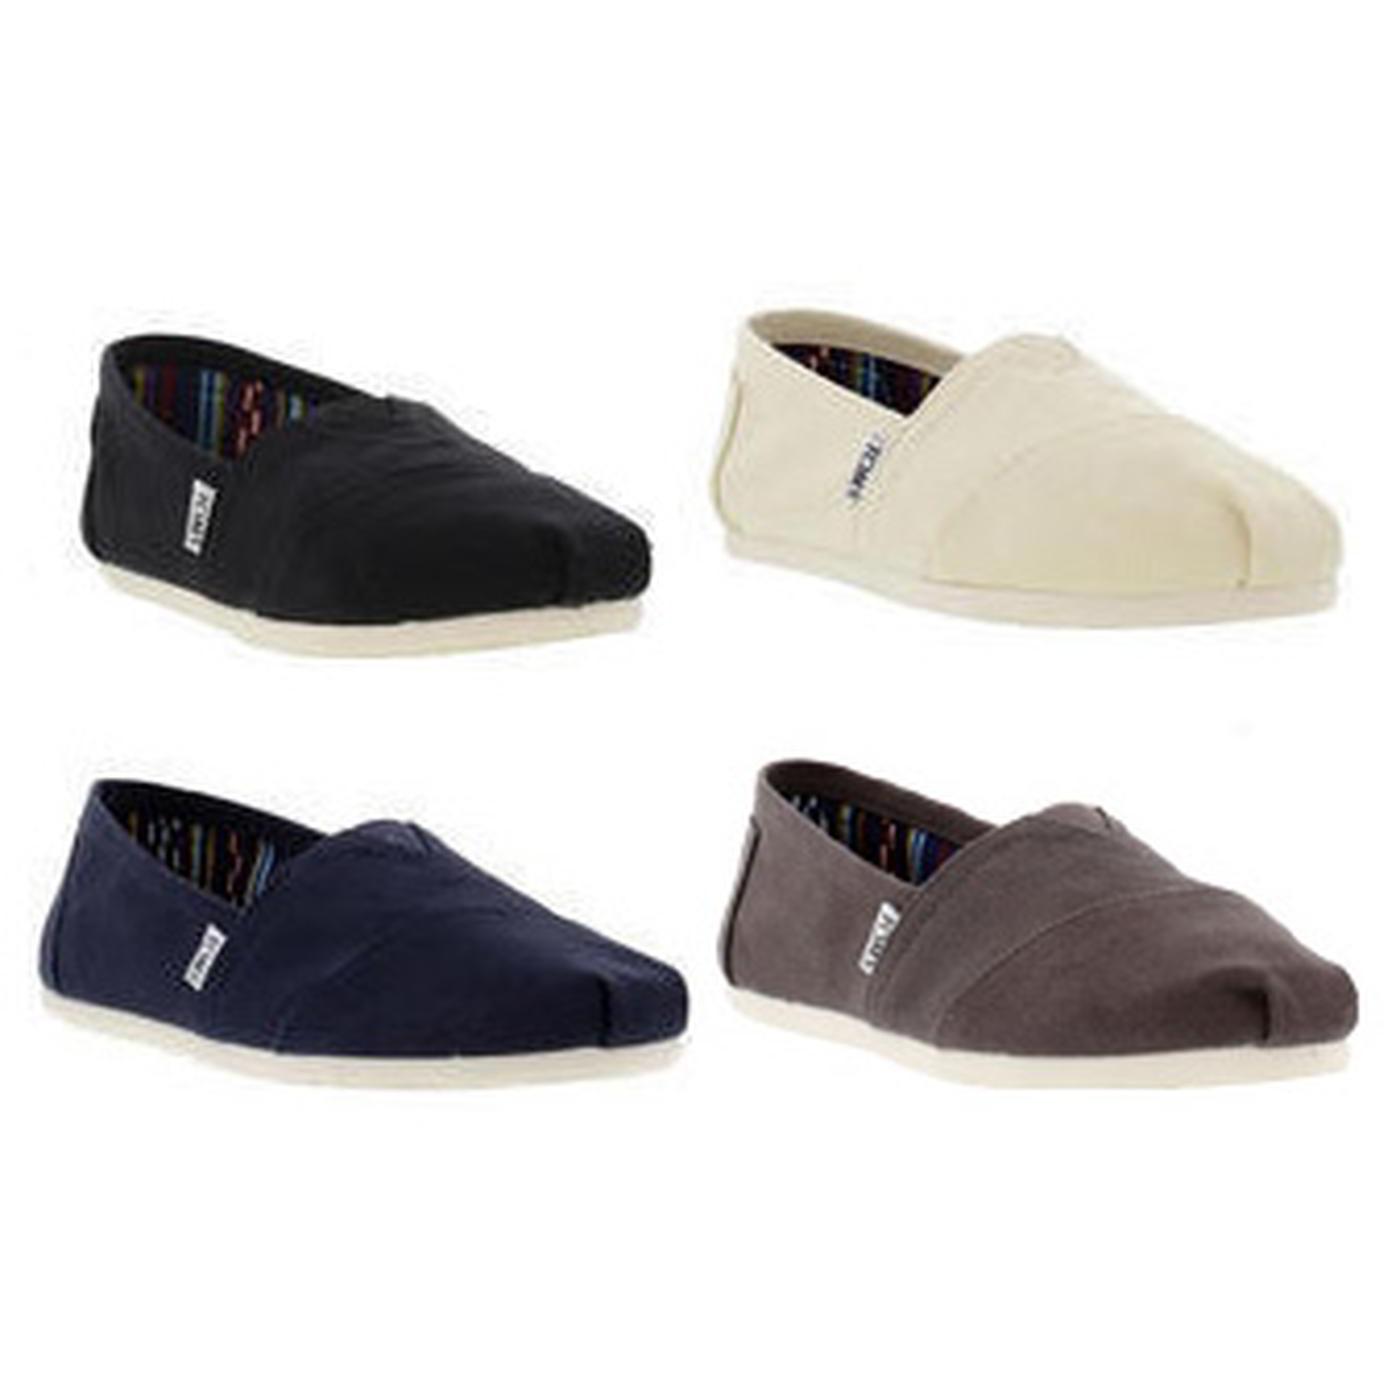 21fe1709d00b6 Details about Toms Classic Alpargata Womens Ladies Canvas Slip On  Espadrilles Shoes Size 4-8